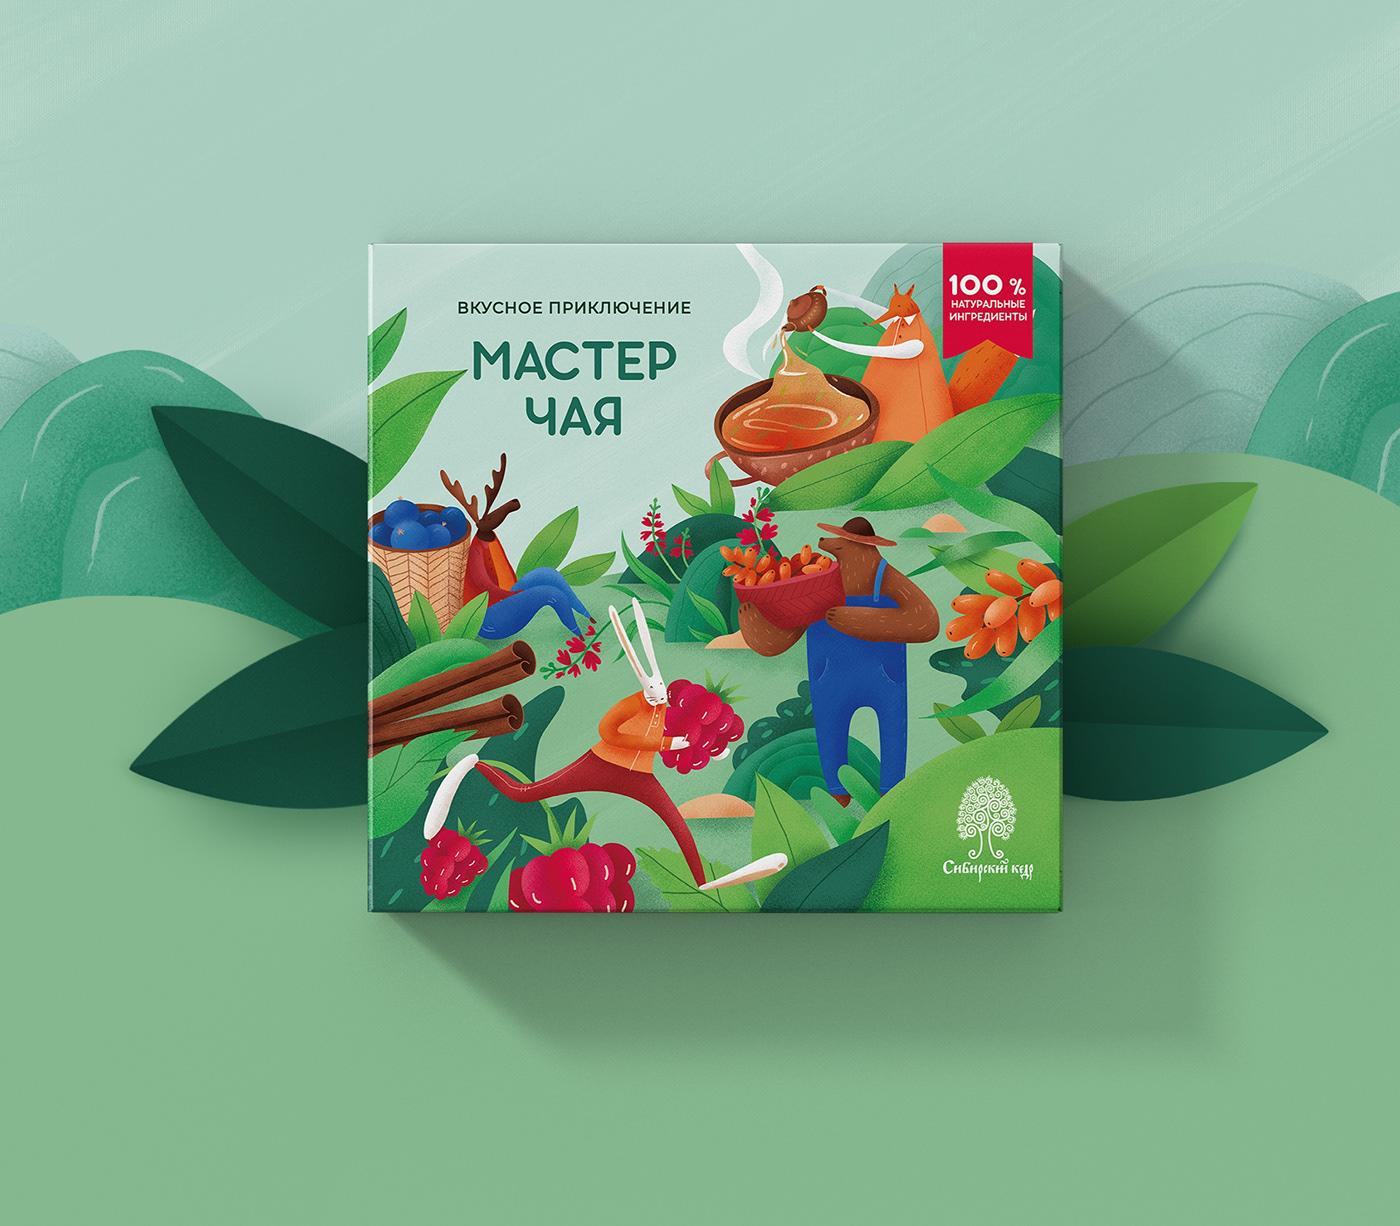 西伯利亚雪松美味冒险系列产品包装设计